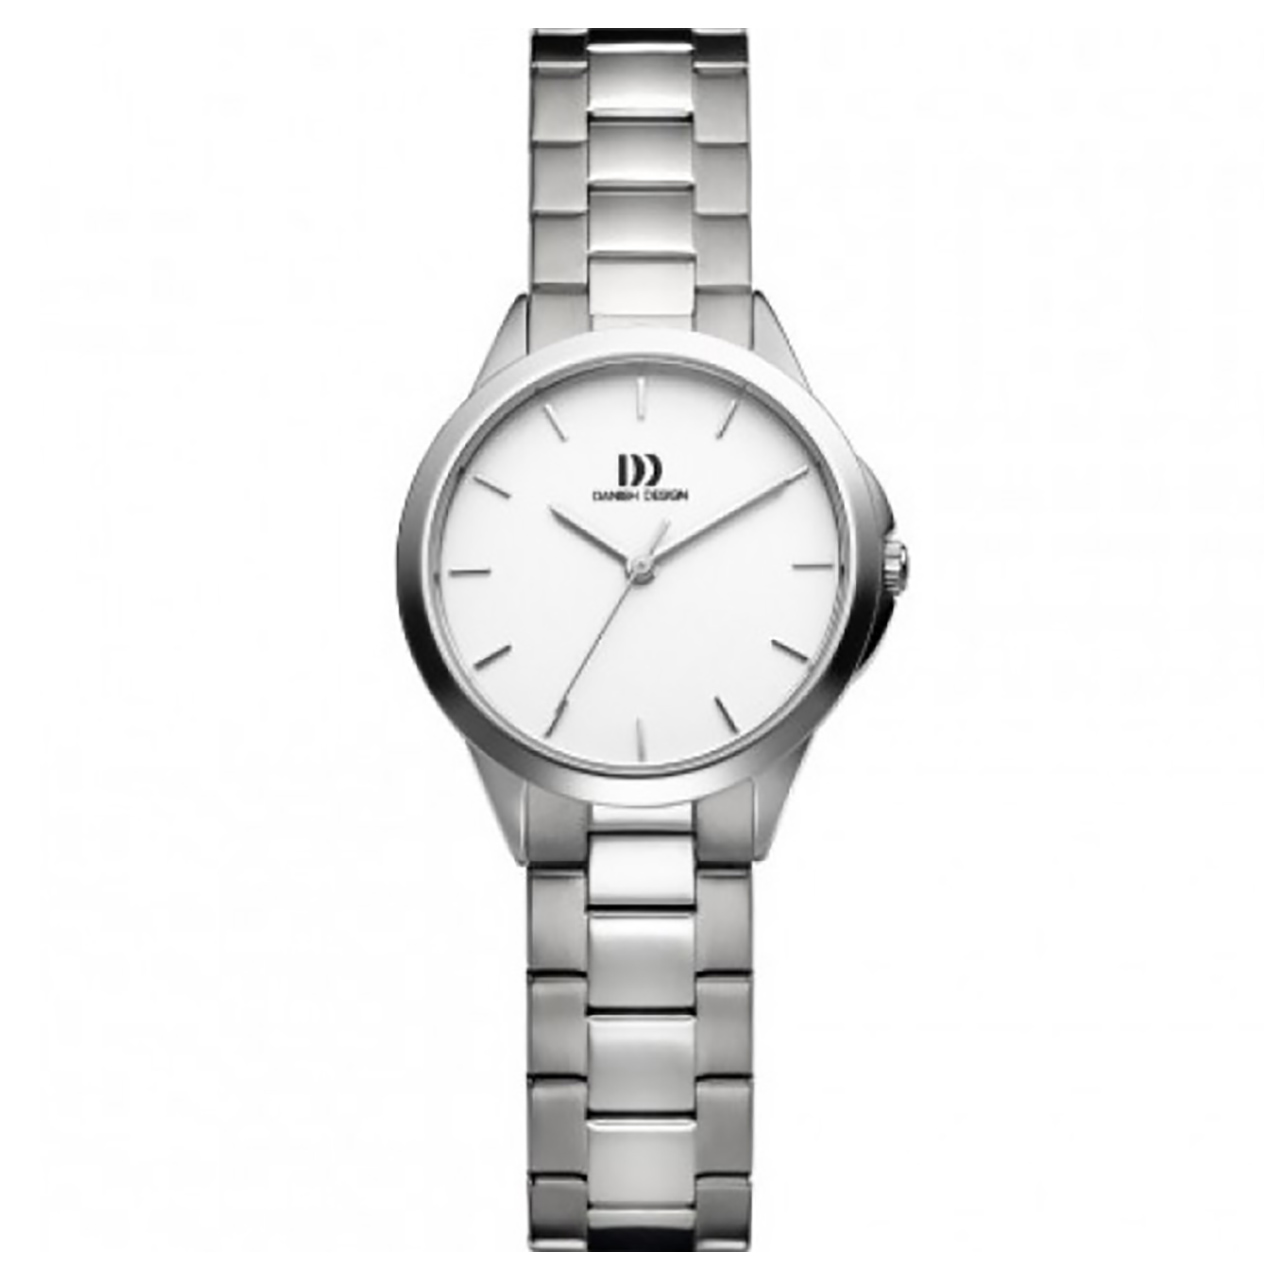 ساعت مچی عقربه ای زنانه دنیش دیزاین مدل IV62Q966